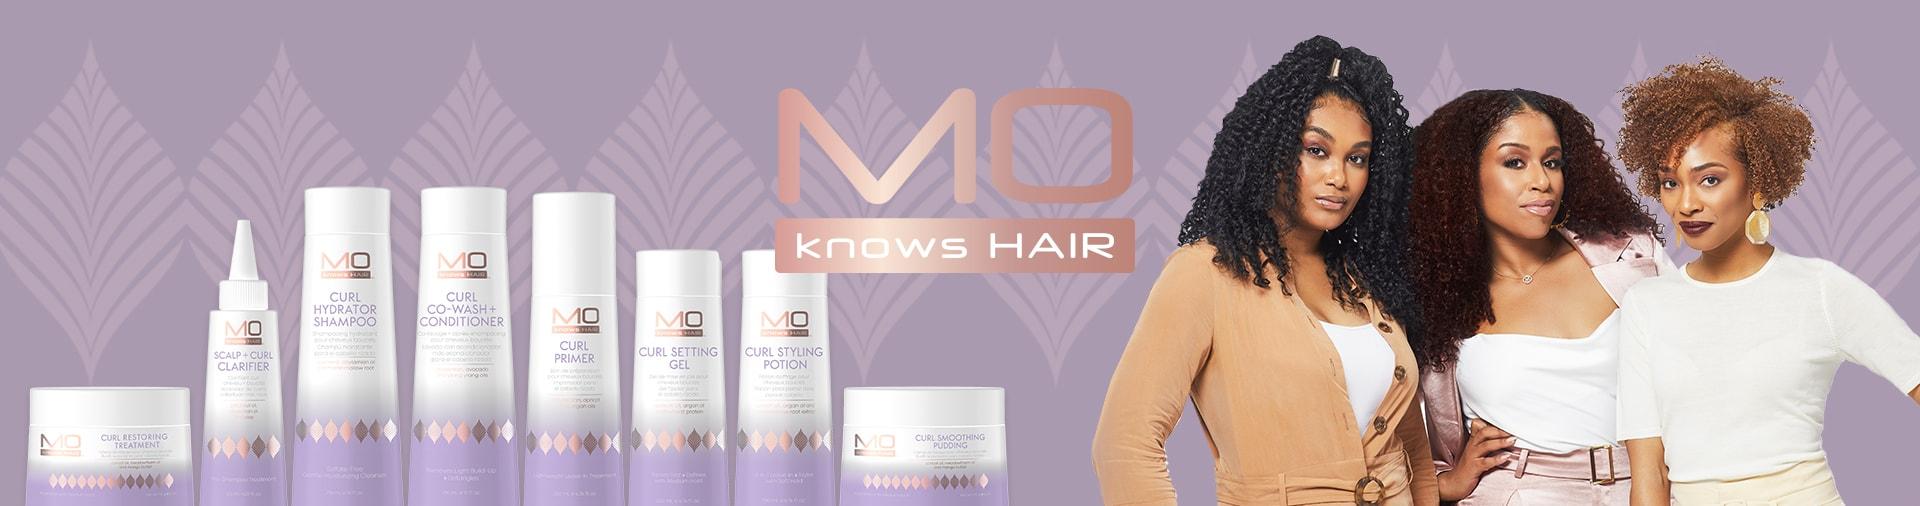 Mo Knows Hair